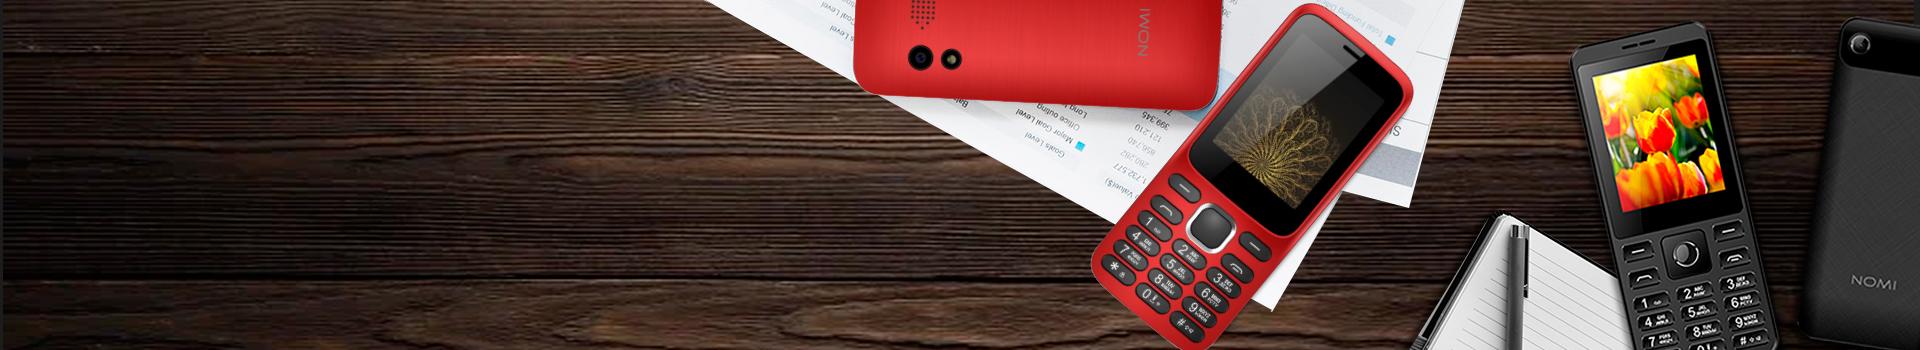 Nomi представляет новые </br> модели мобильных телефонов